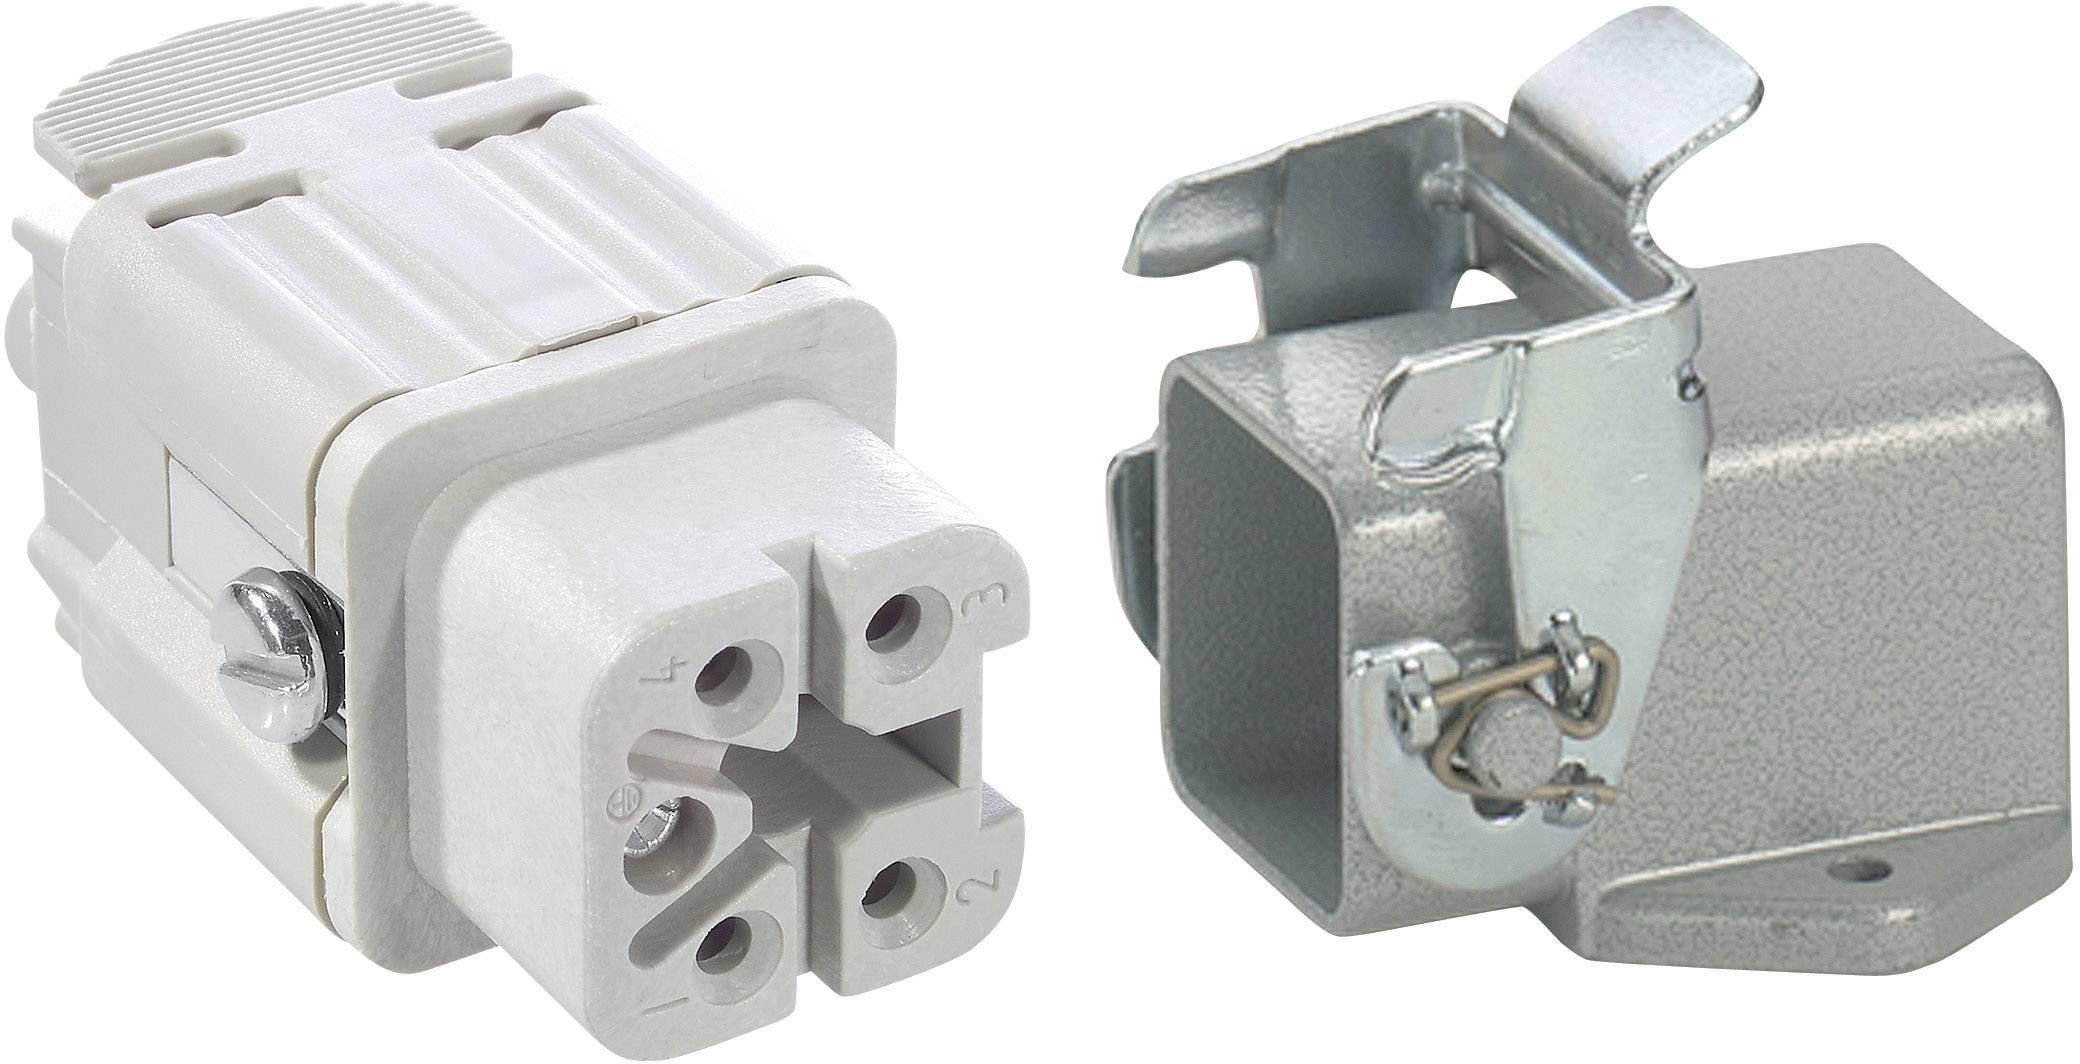 Sada konektorů EPIC®KIT H-A 4 75009620 LappKabel 4 + PE šroubovací 1 sada